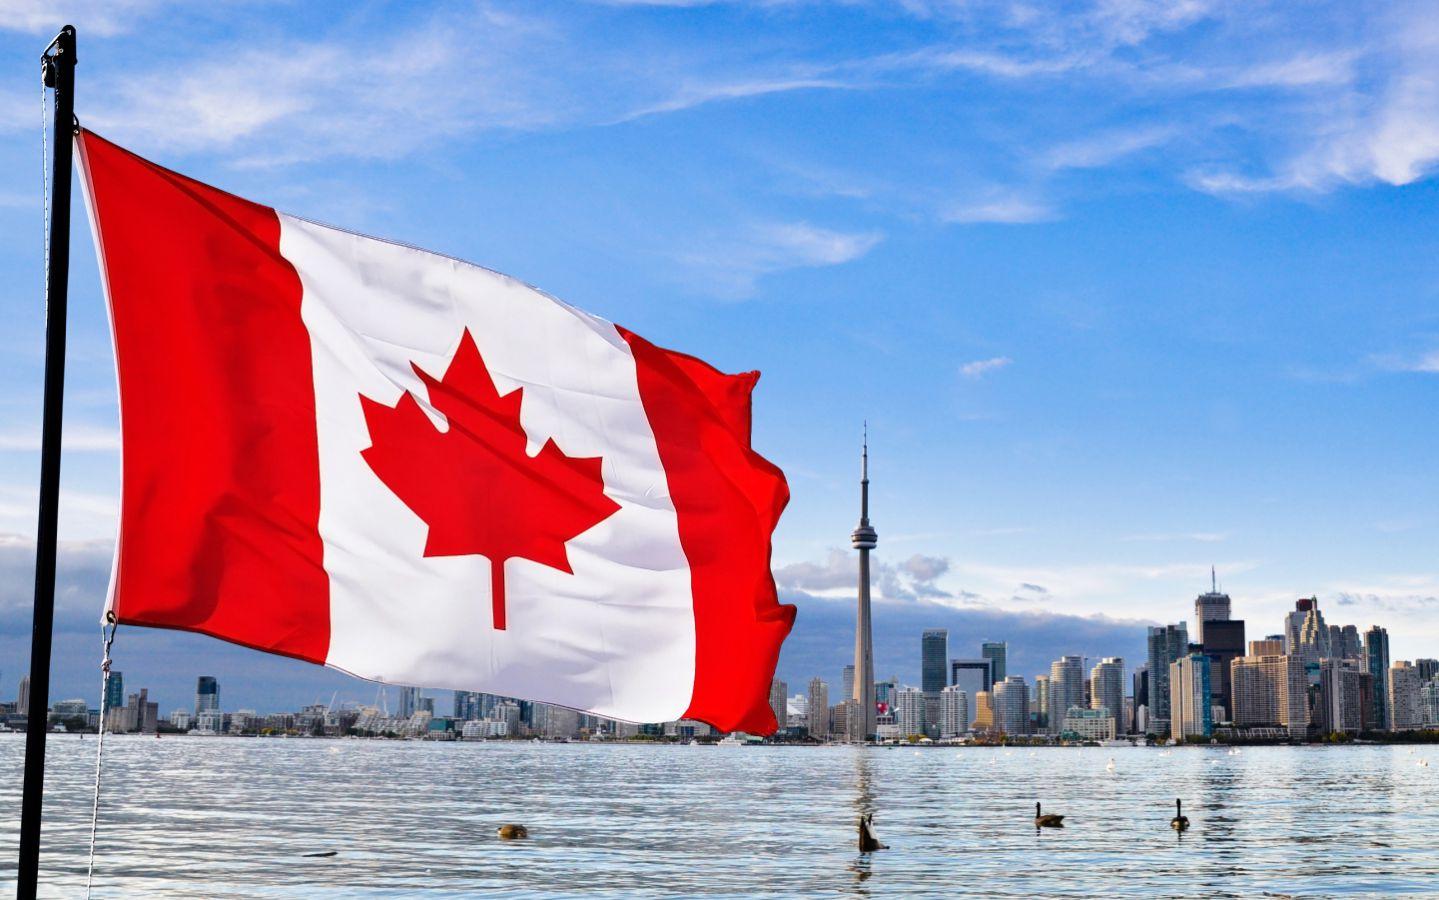 Виза в Канаду: как изменятся требования для россиян с июля 2018?